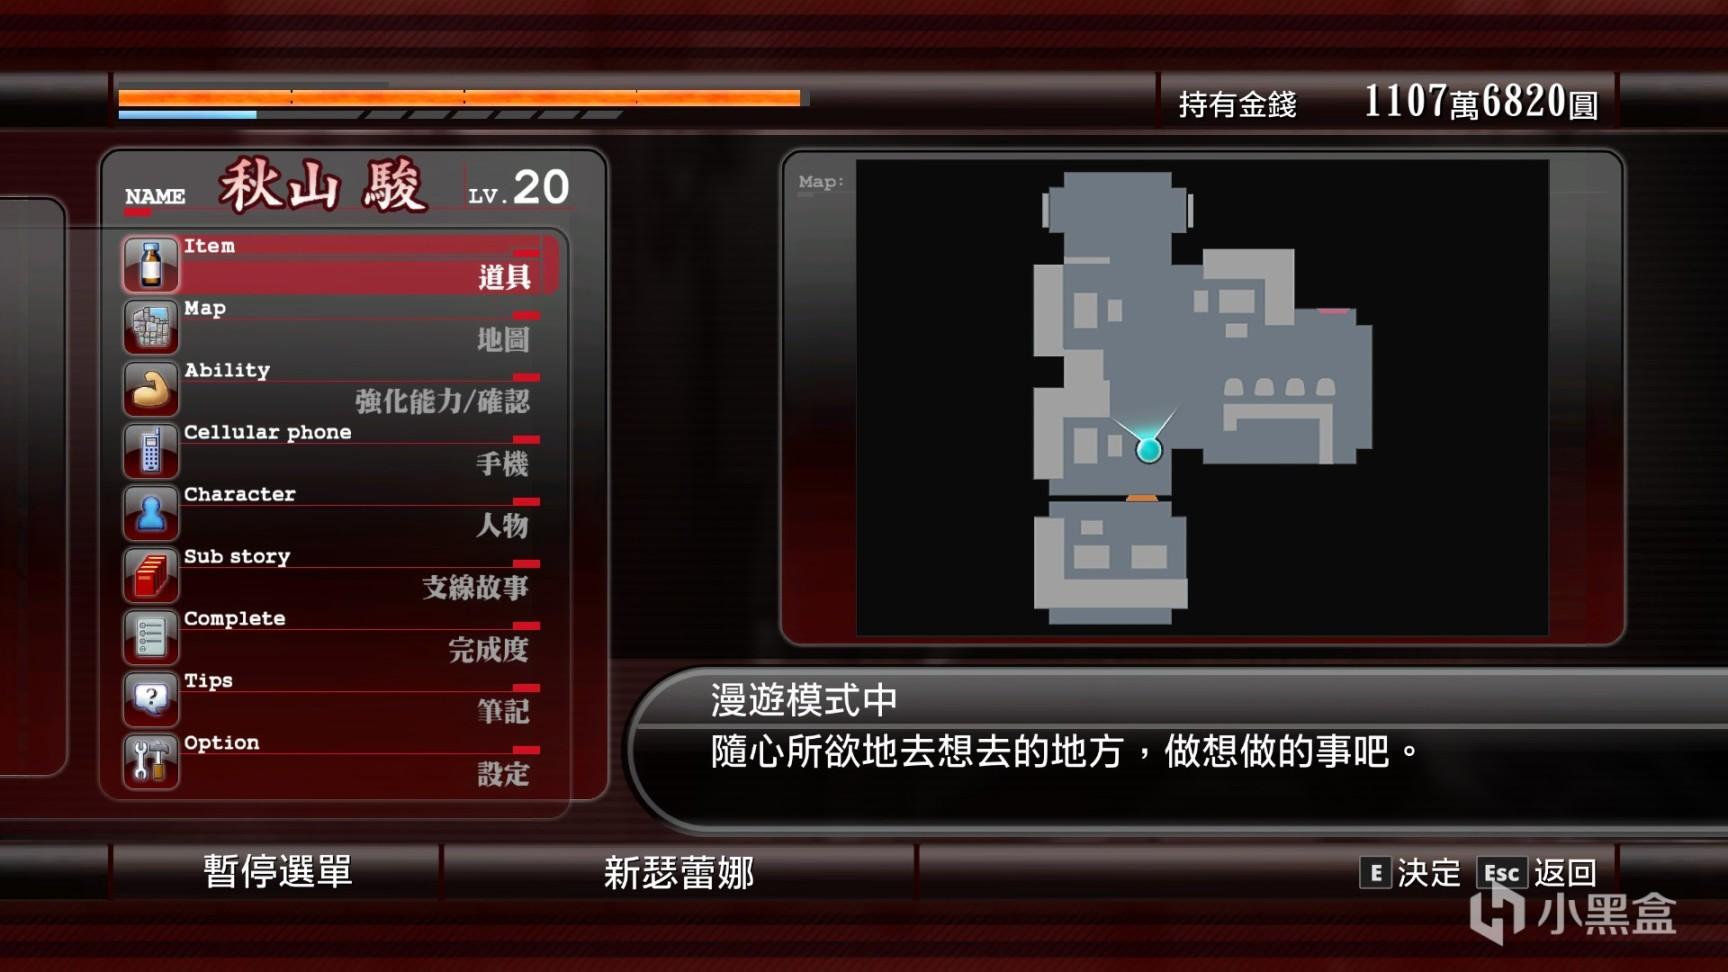 如龙(Yakuza)PC全系列(0~7)游戏介绍及游玩一览(中)插图10